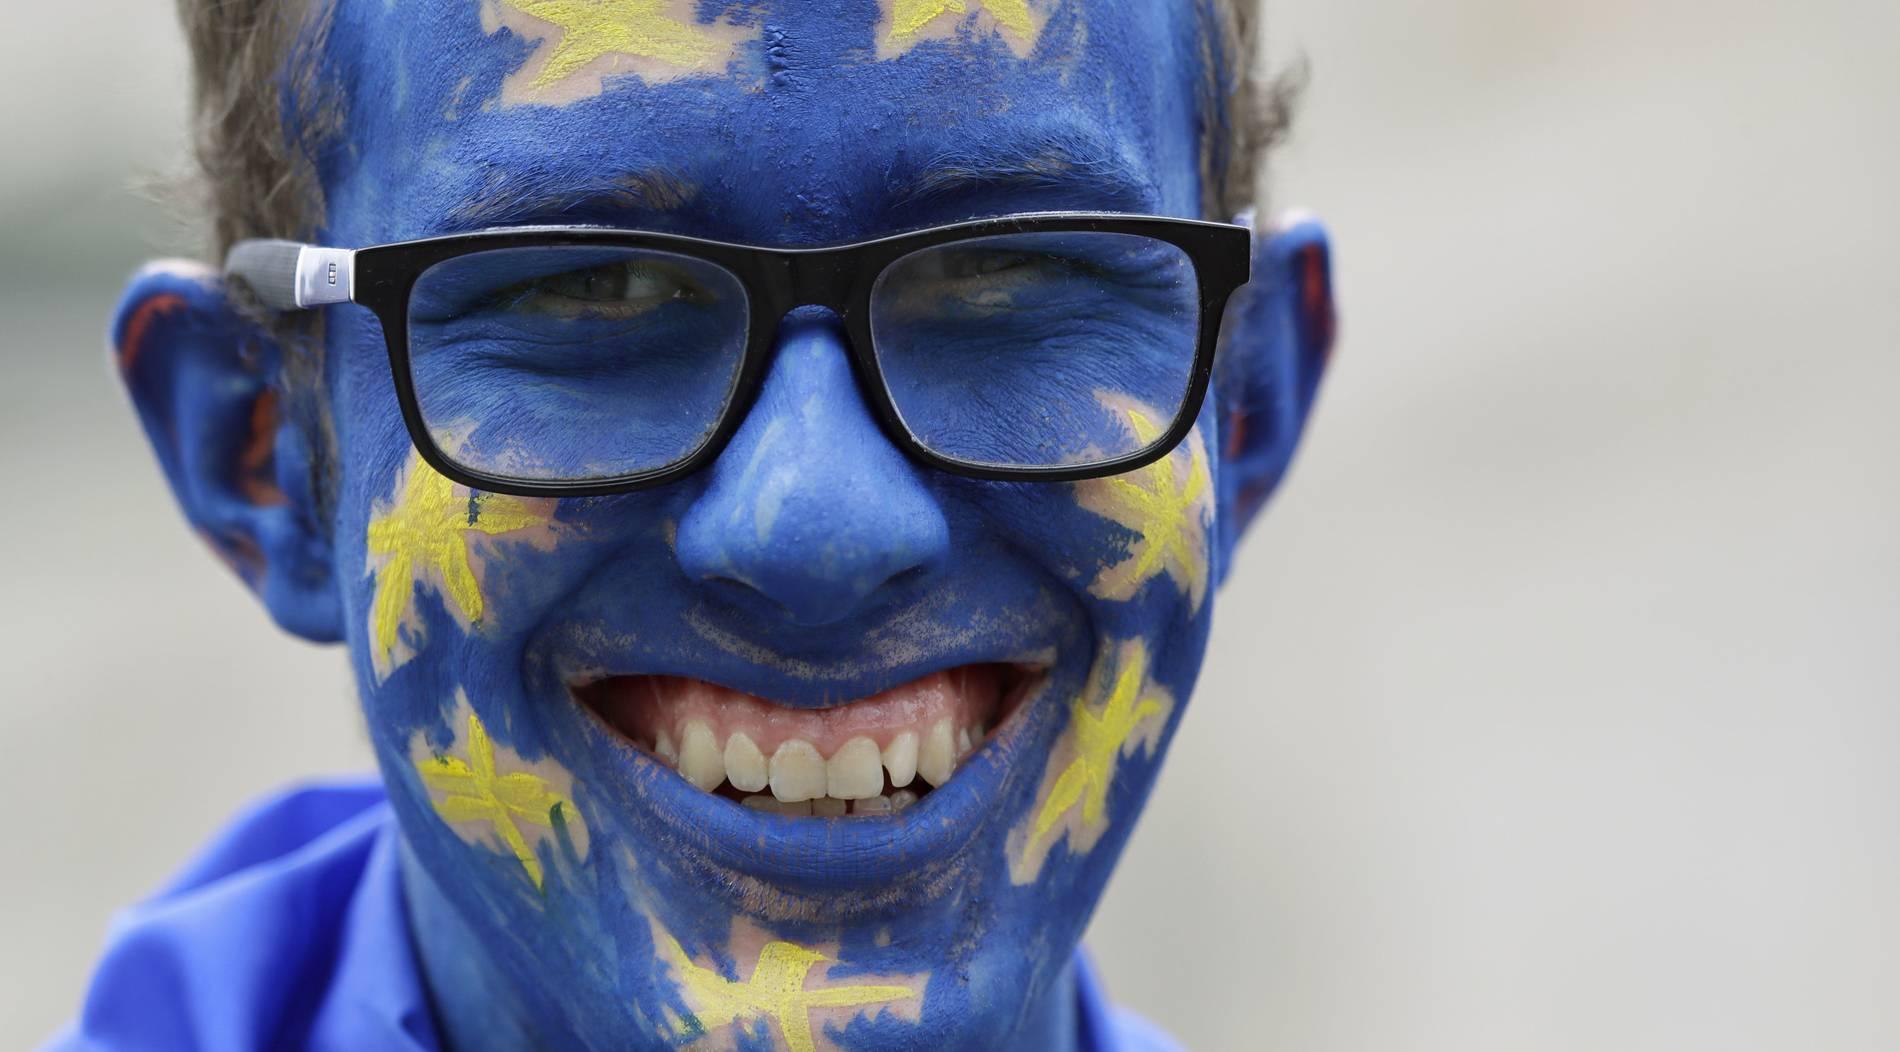 Millionen Briten unterzeichnen Petition gegen Brexit